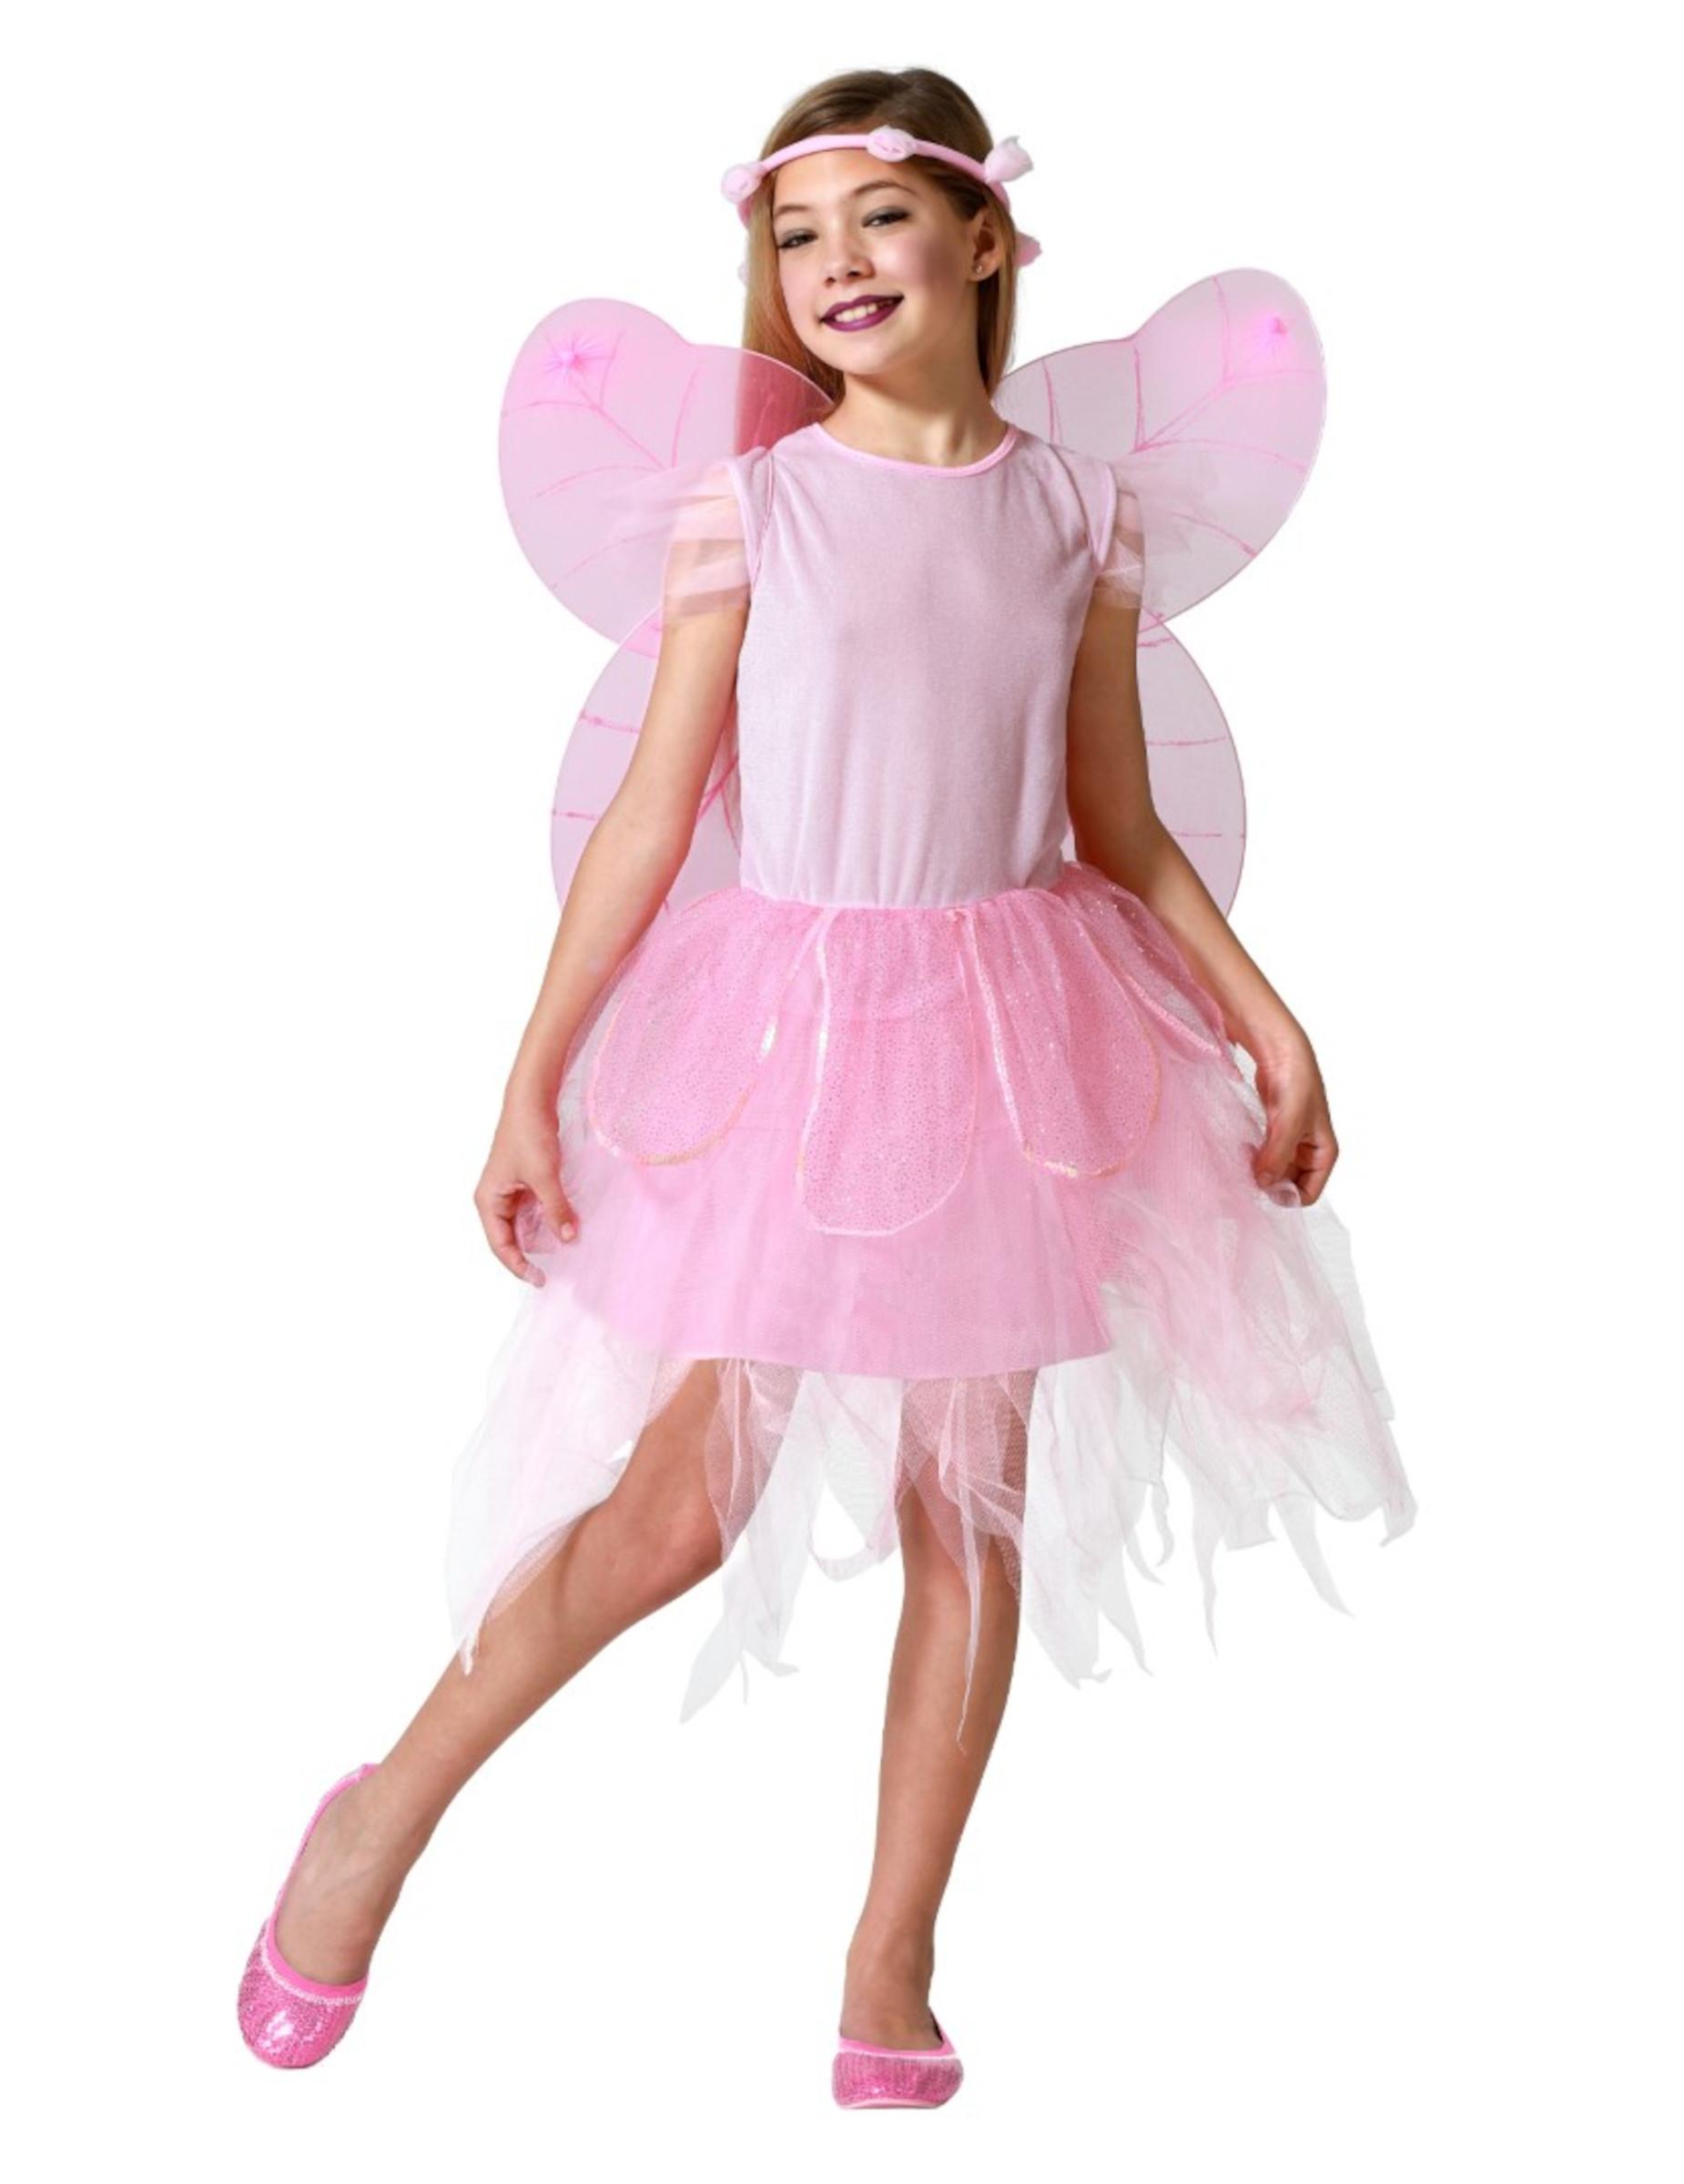 beliebte Geschäfte kommt an Designermode Kleine Fee Kinderkostüm Elfe rosa